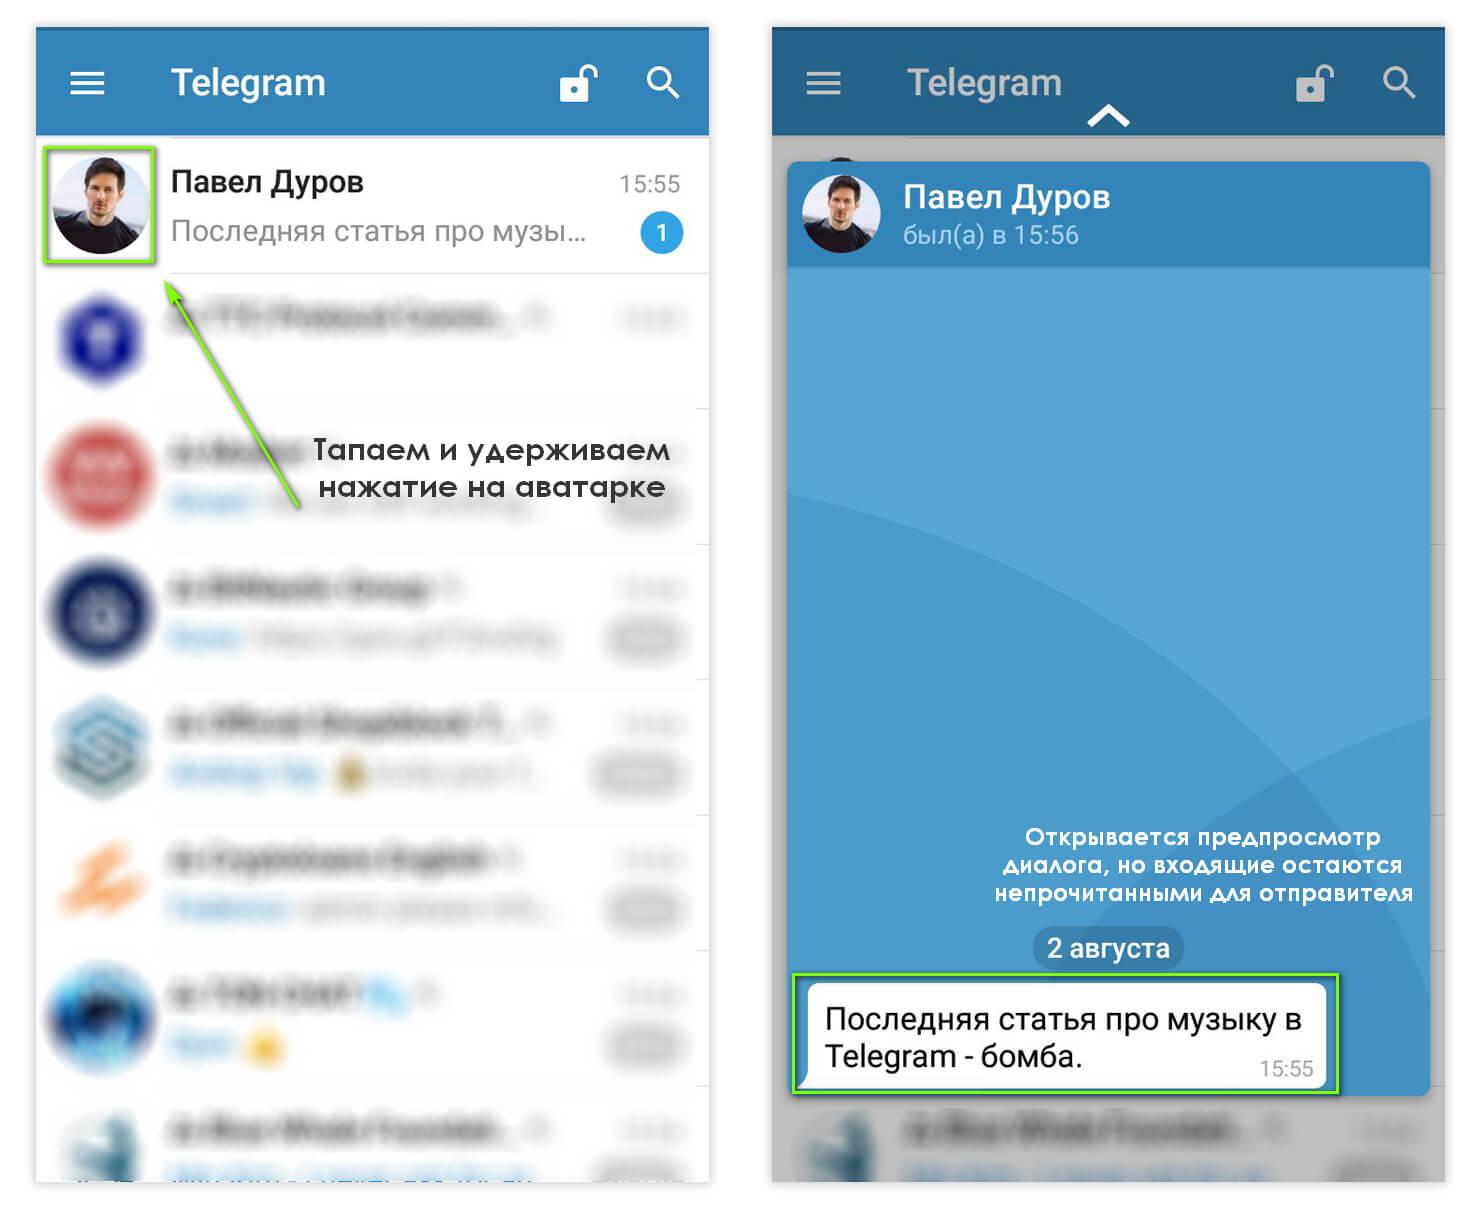 картинки: как открыть незаметно прочесть сообщение в телеграм